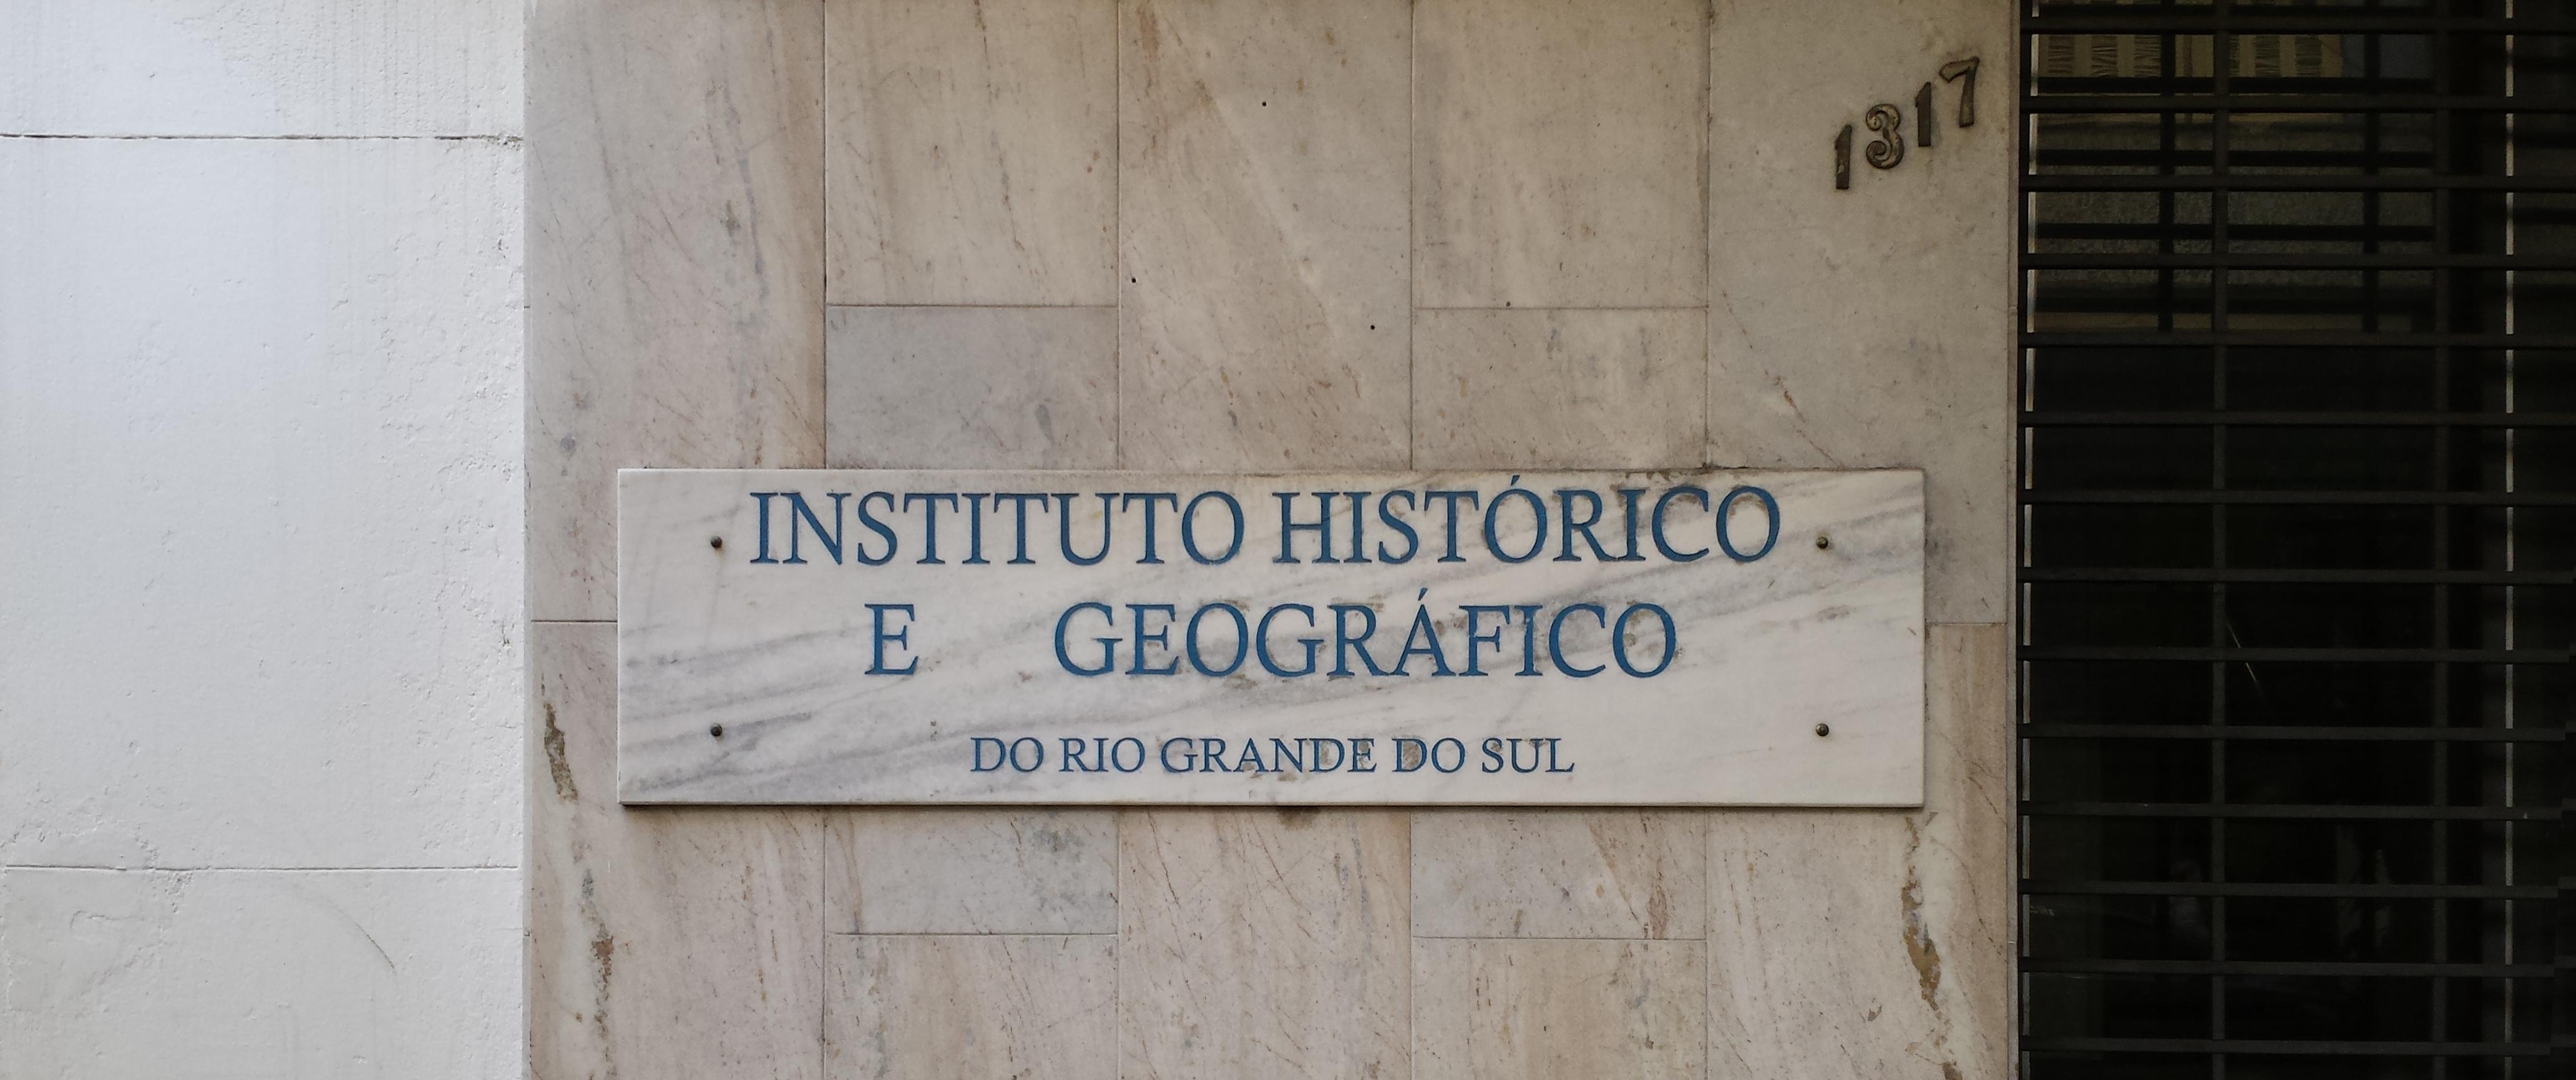 Rua Riachuelo, 1317: O Instituto Histórico e Geográfico do Rio Grande do Sul, em Porto Alegre.